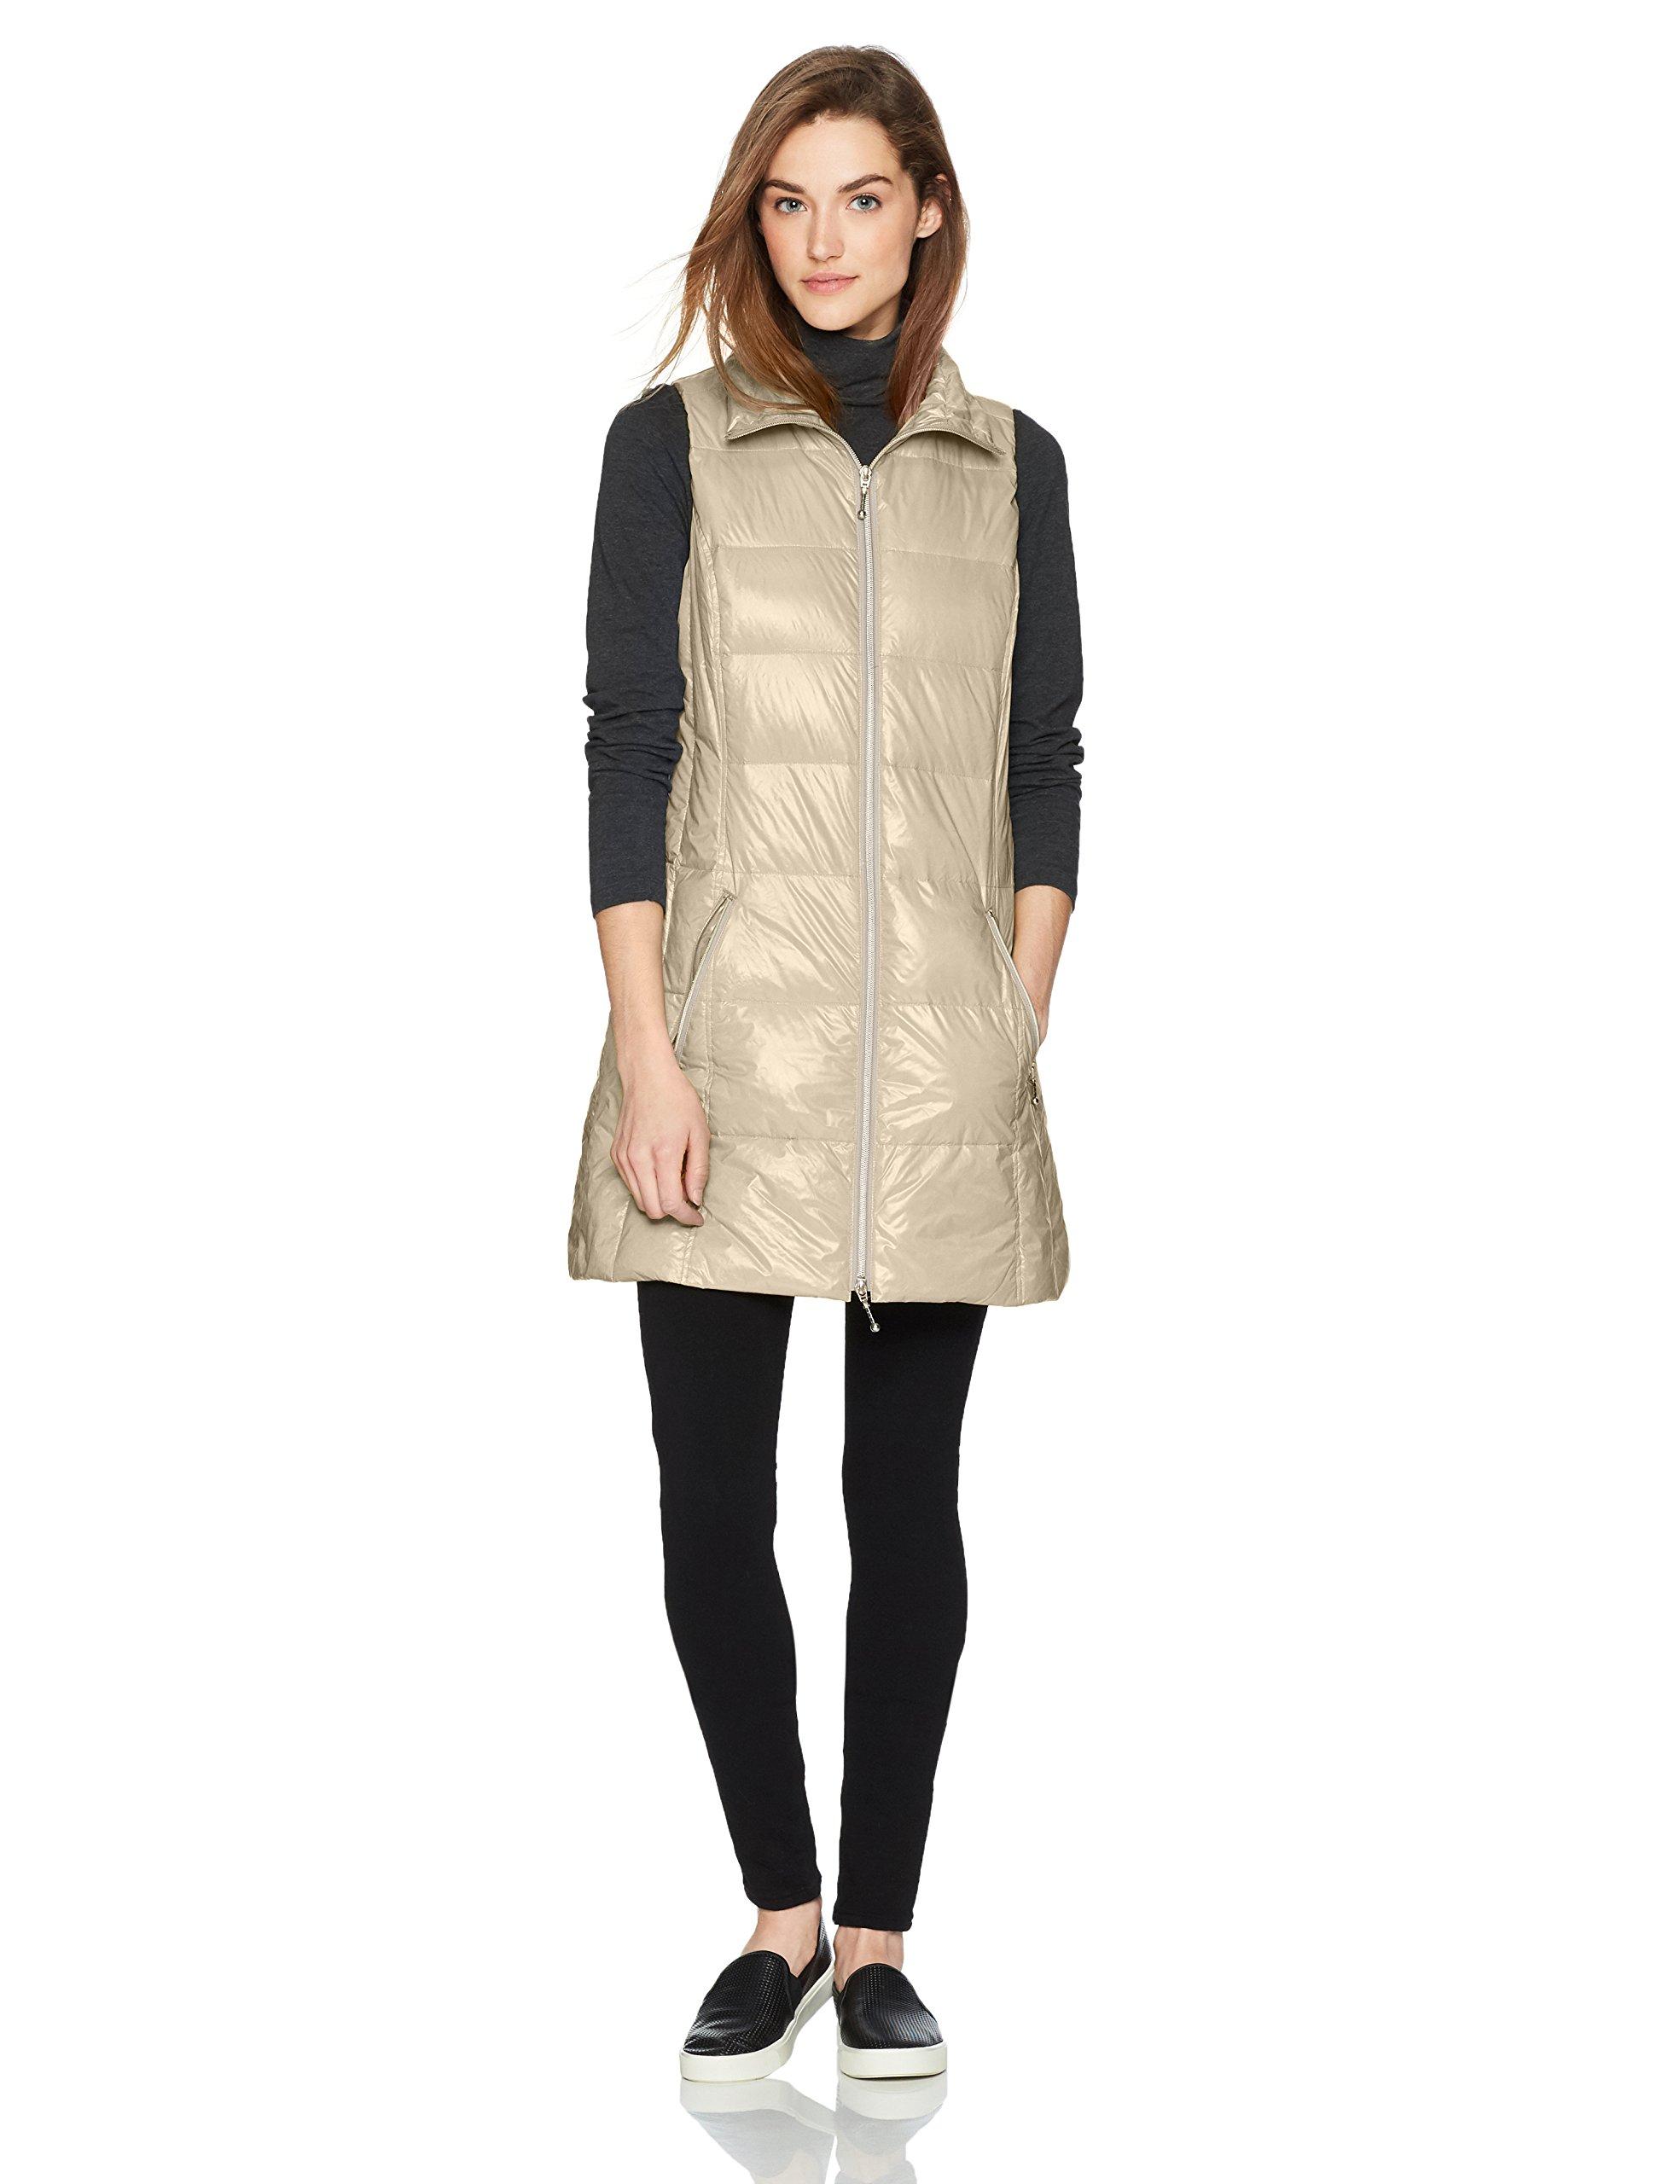 Coatology Women's Classic Long Down Vest Outerwear, -pebble, M